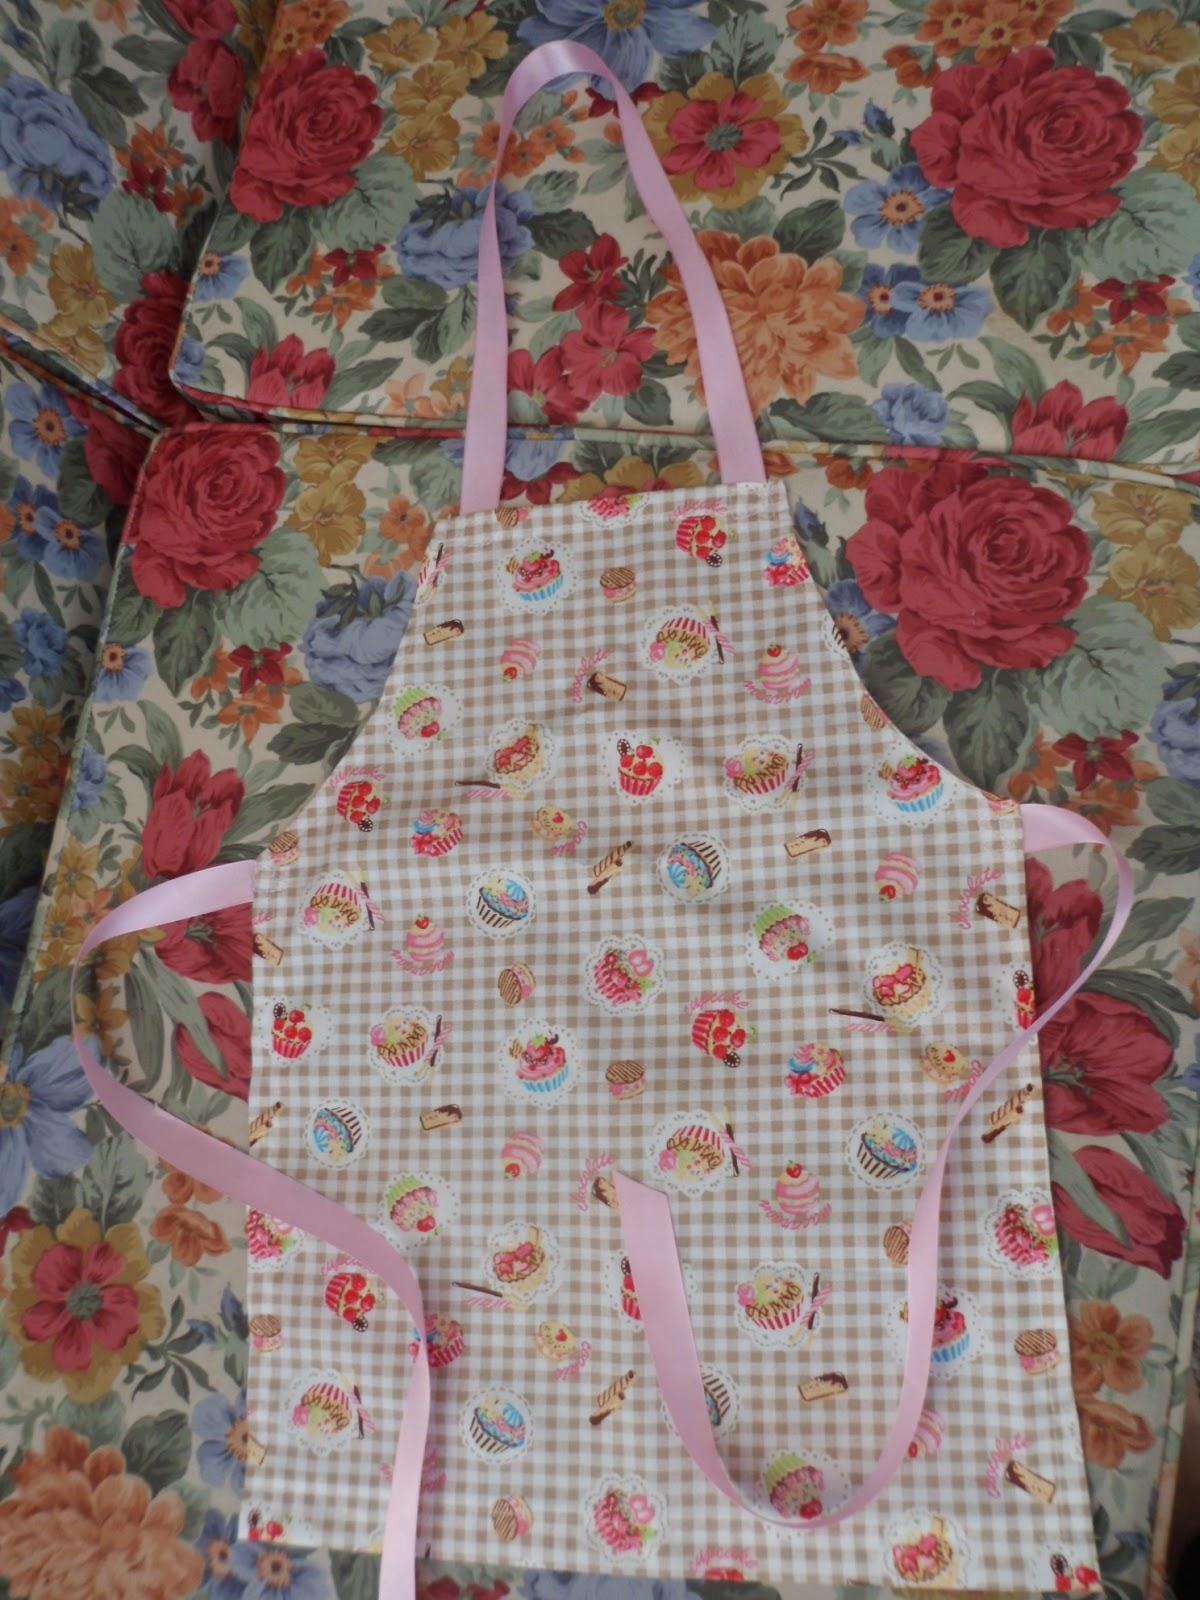 http://1.bp.blogspot.com/-Vm3DTDbfb4I/U75NduDdoFI/AAAAAAAAIQA/p2gLyOrvIzA/s1600/First+sewing+machine+apron+6.7.14.JPG